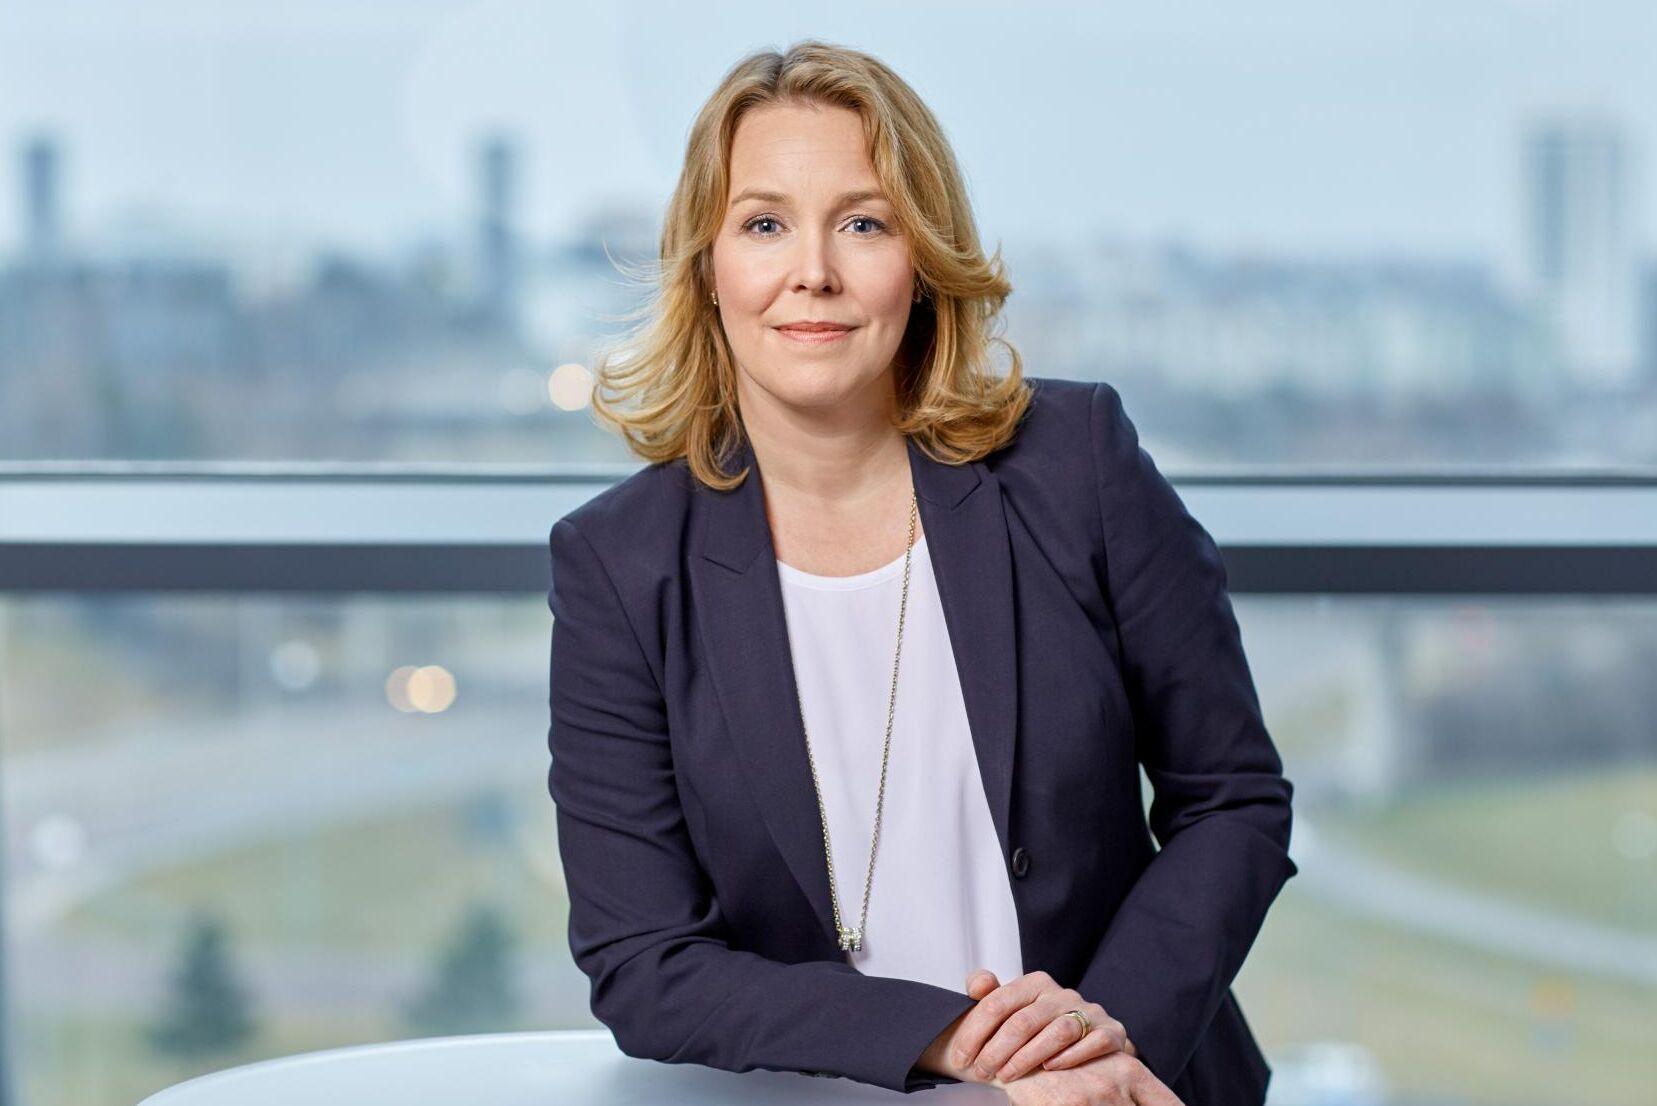 – Vi behöver anpassa oss till att det blir mindre volymer med brev. Vi har också kraftiga ambitioner kring hållbarhetsmålen. När vi har upp till två dagar på oss med utdelningen kan vi flyga mindre, säger Postnords distributionschef Erika Ahlqvist till ATL.